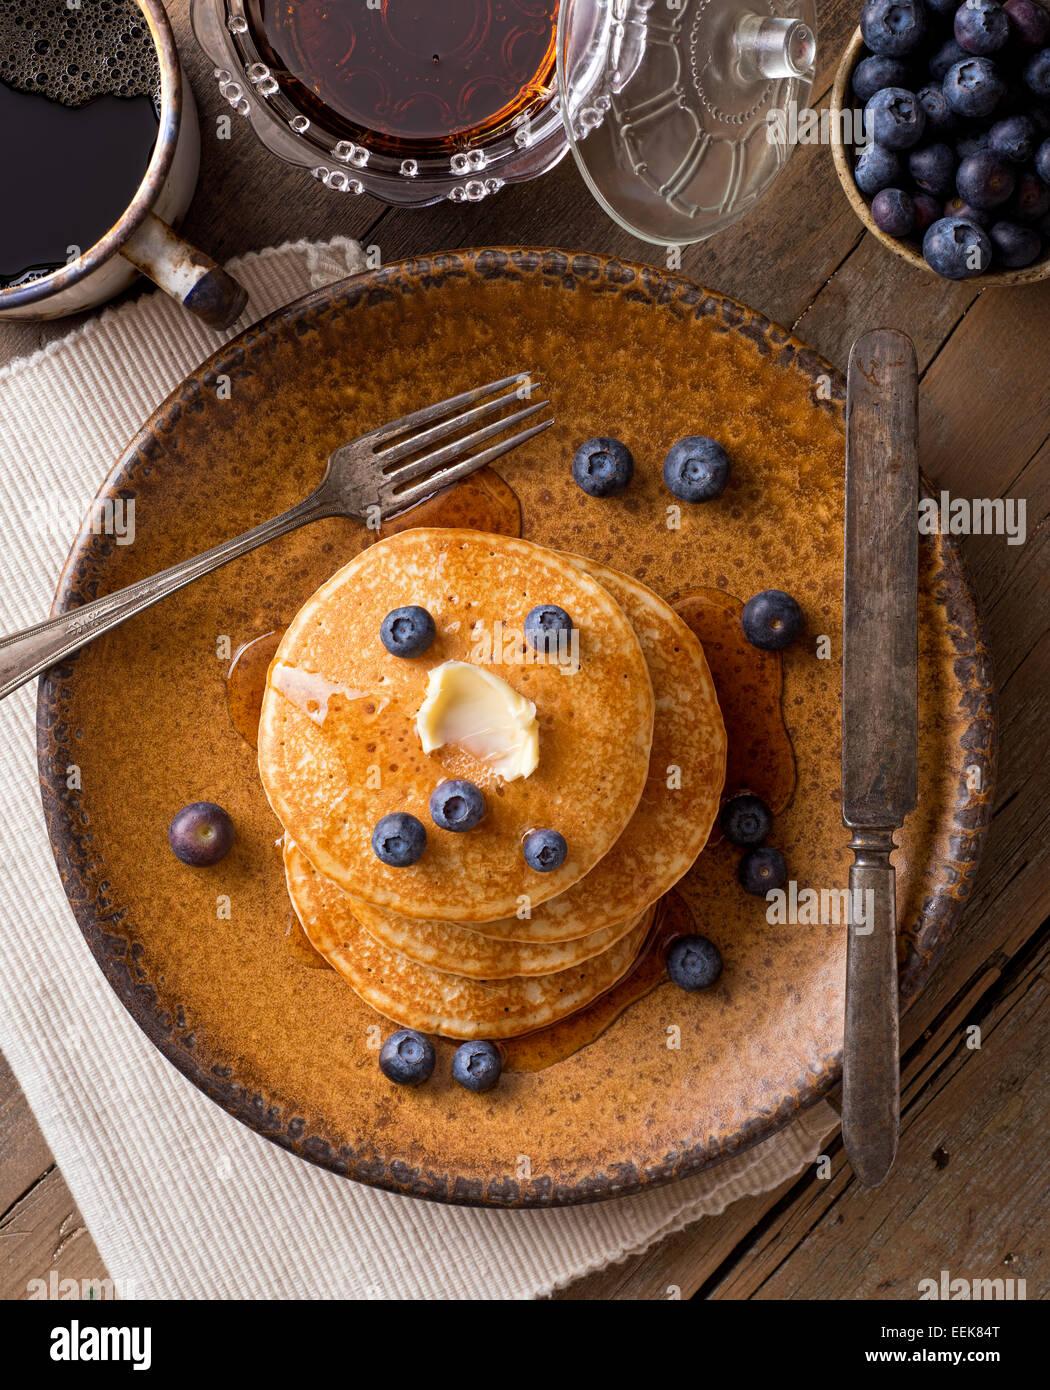 Pancake con mirtilli e sciroppo d'acero su un rustico tavolo. Immagini Stock